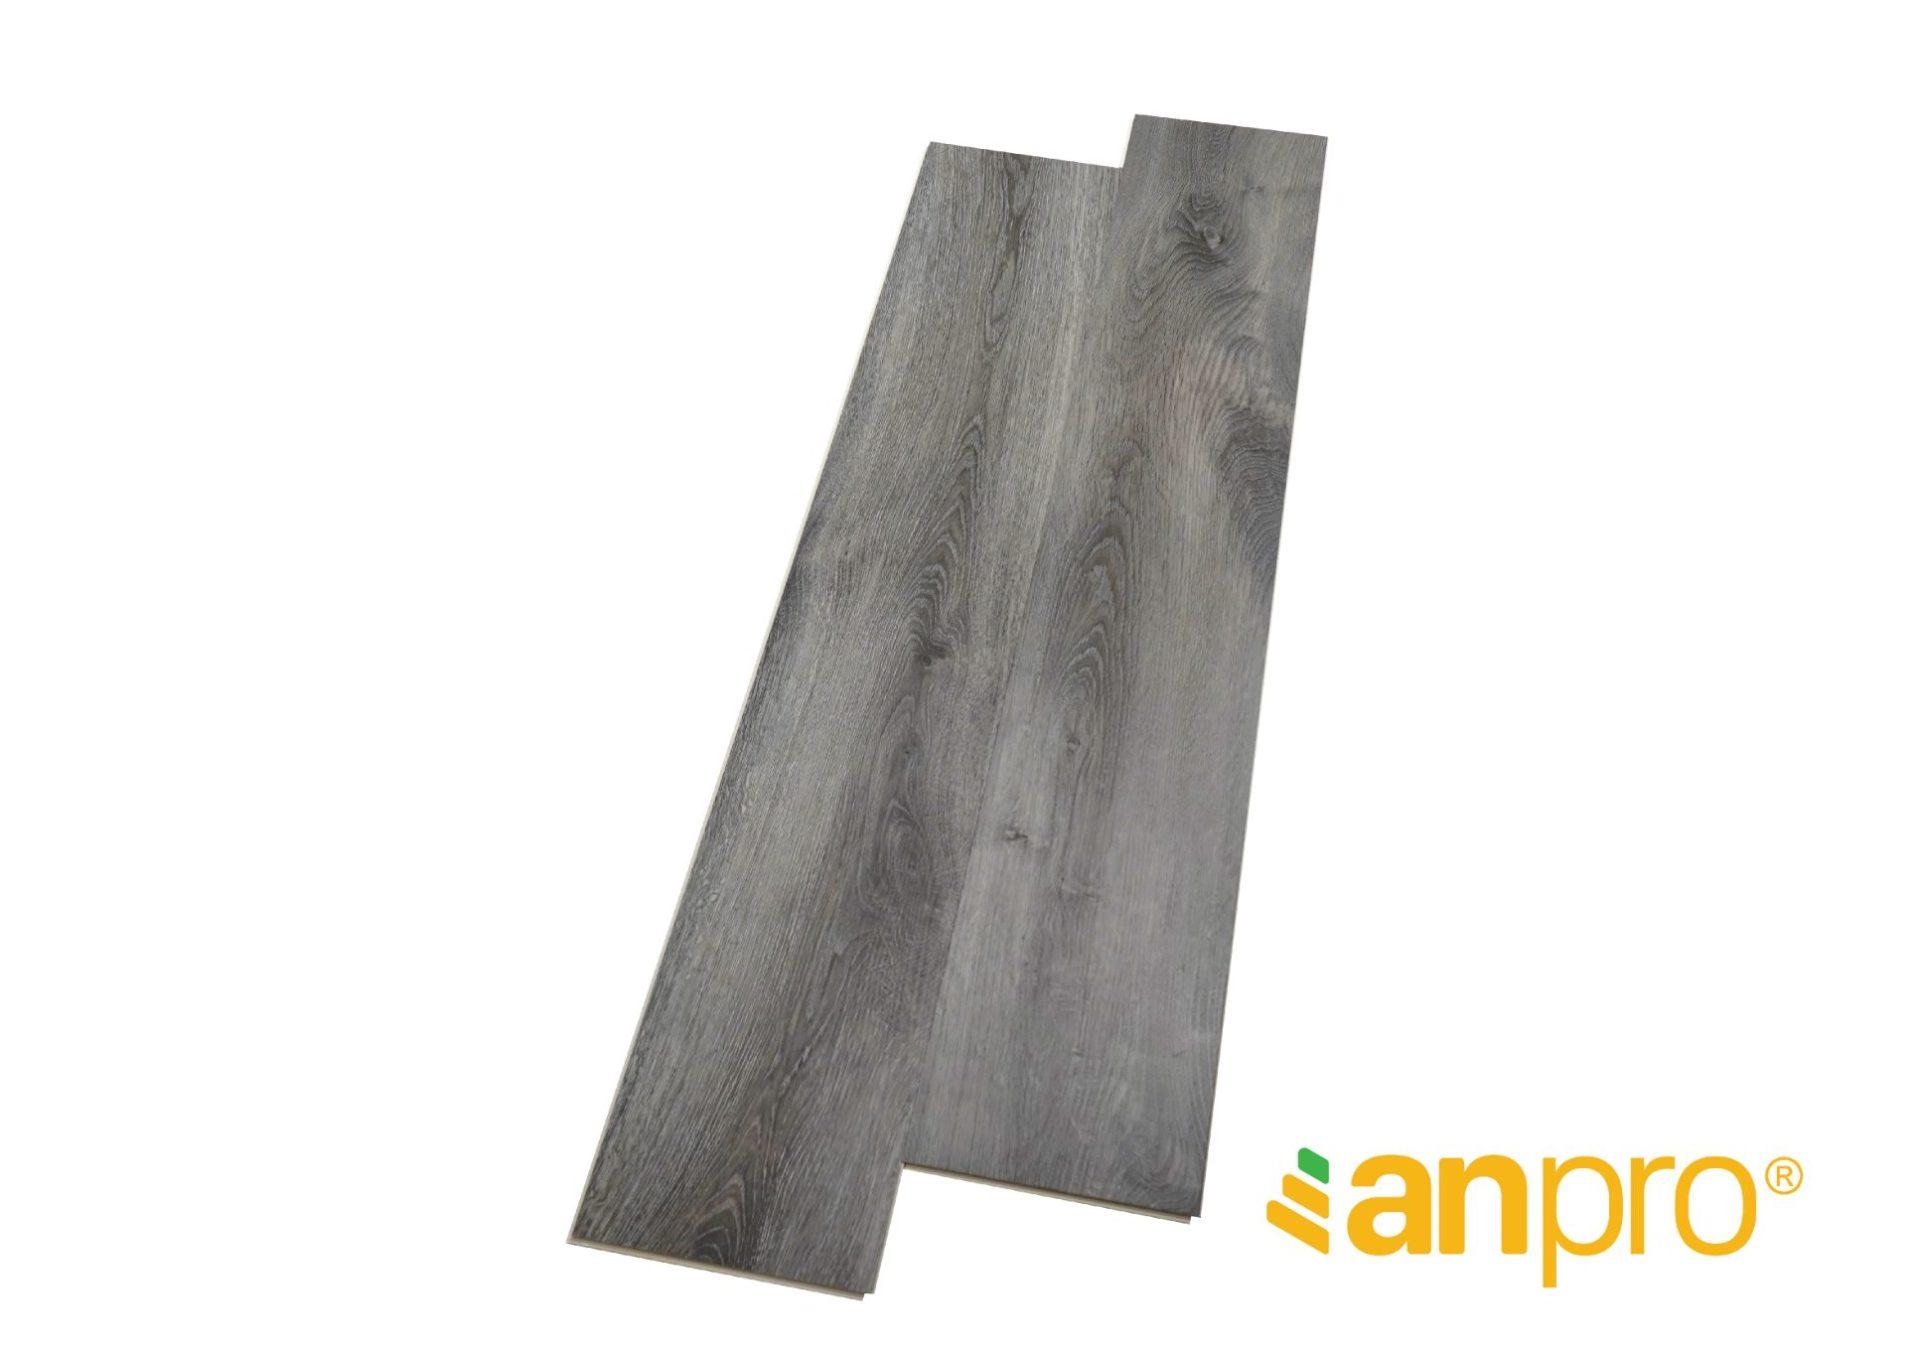 SA106 01 01 - Sàn AnPro vân gỗ SA106